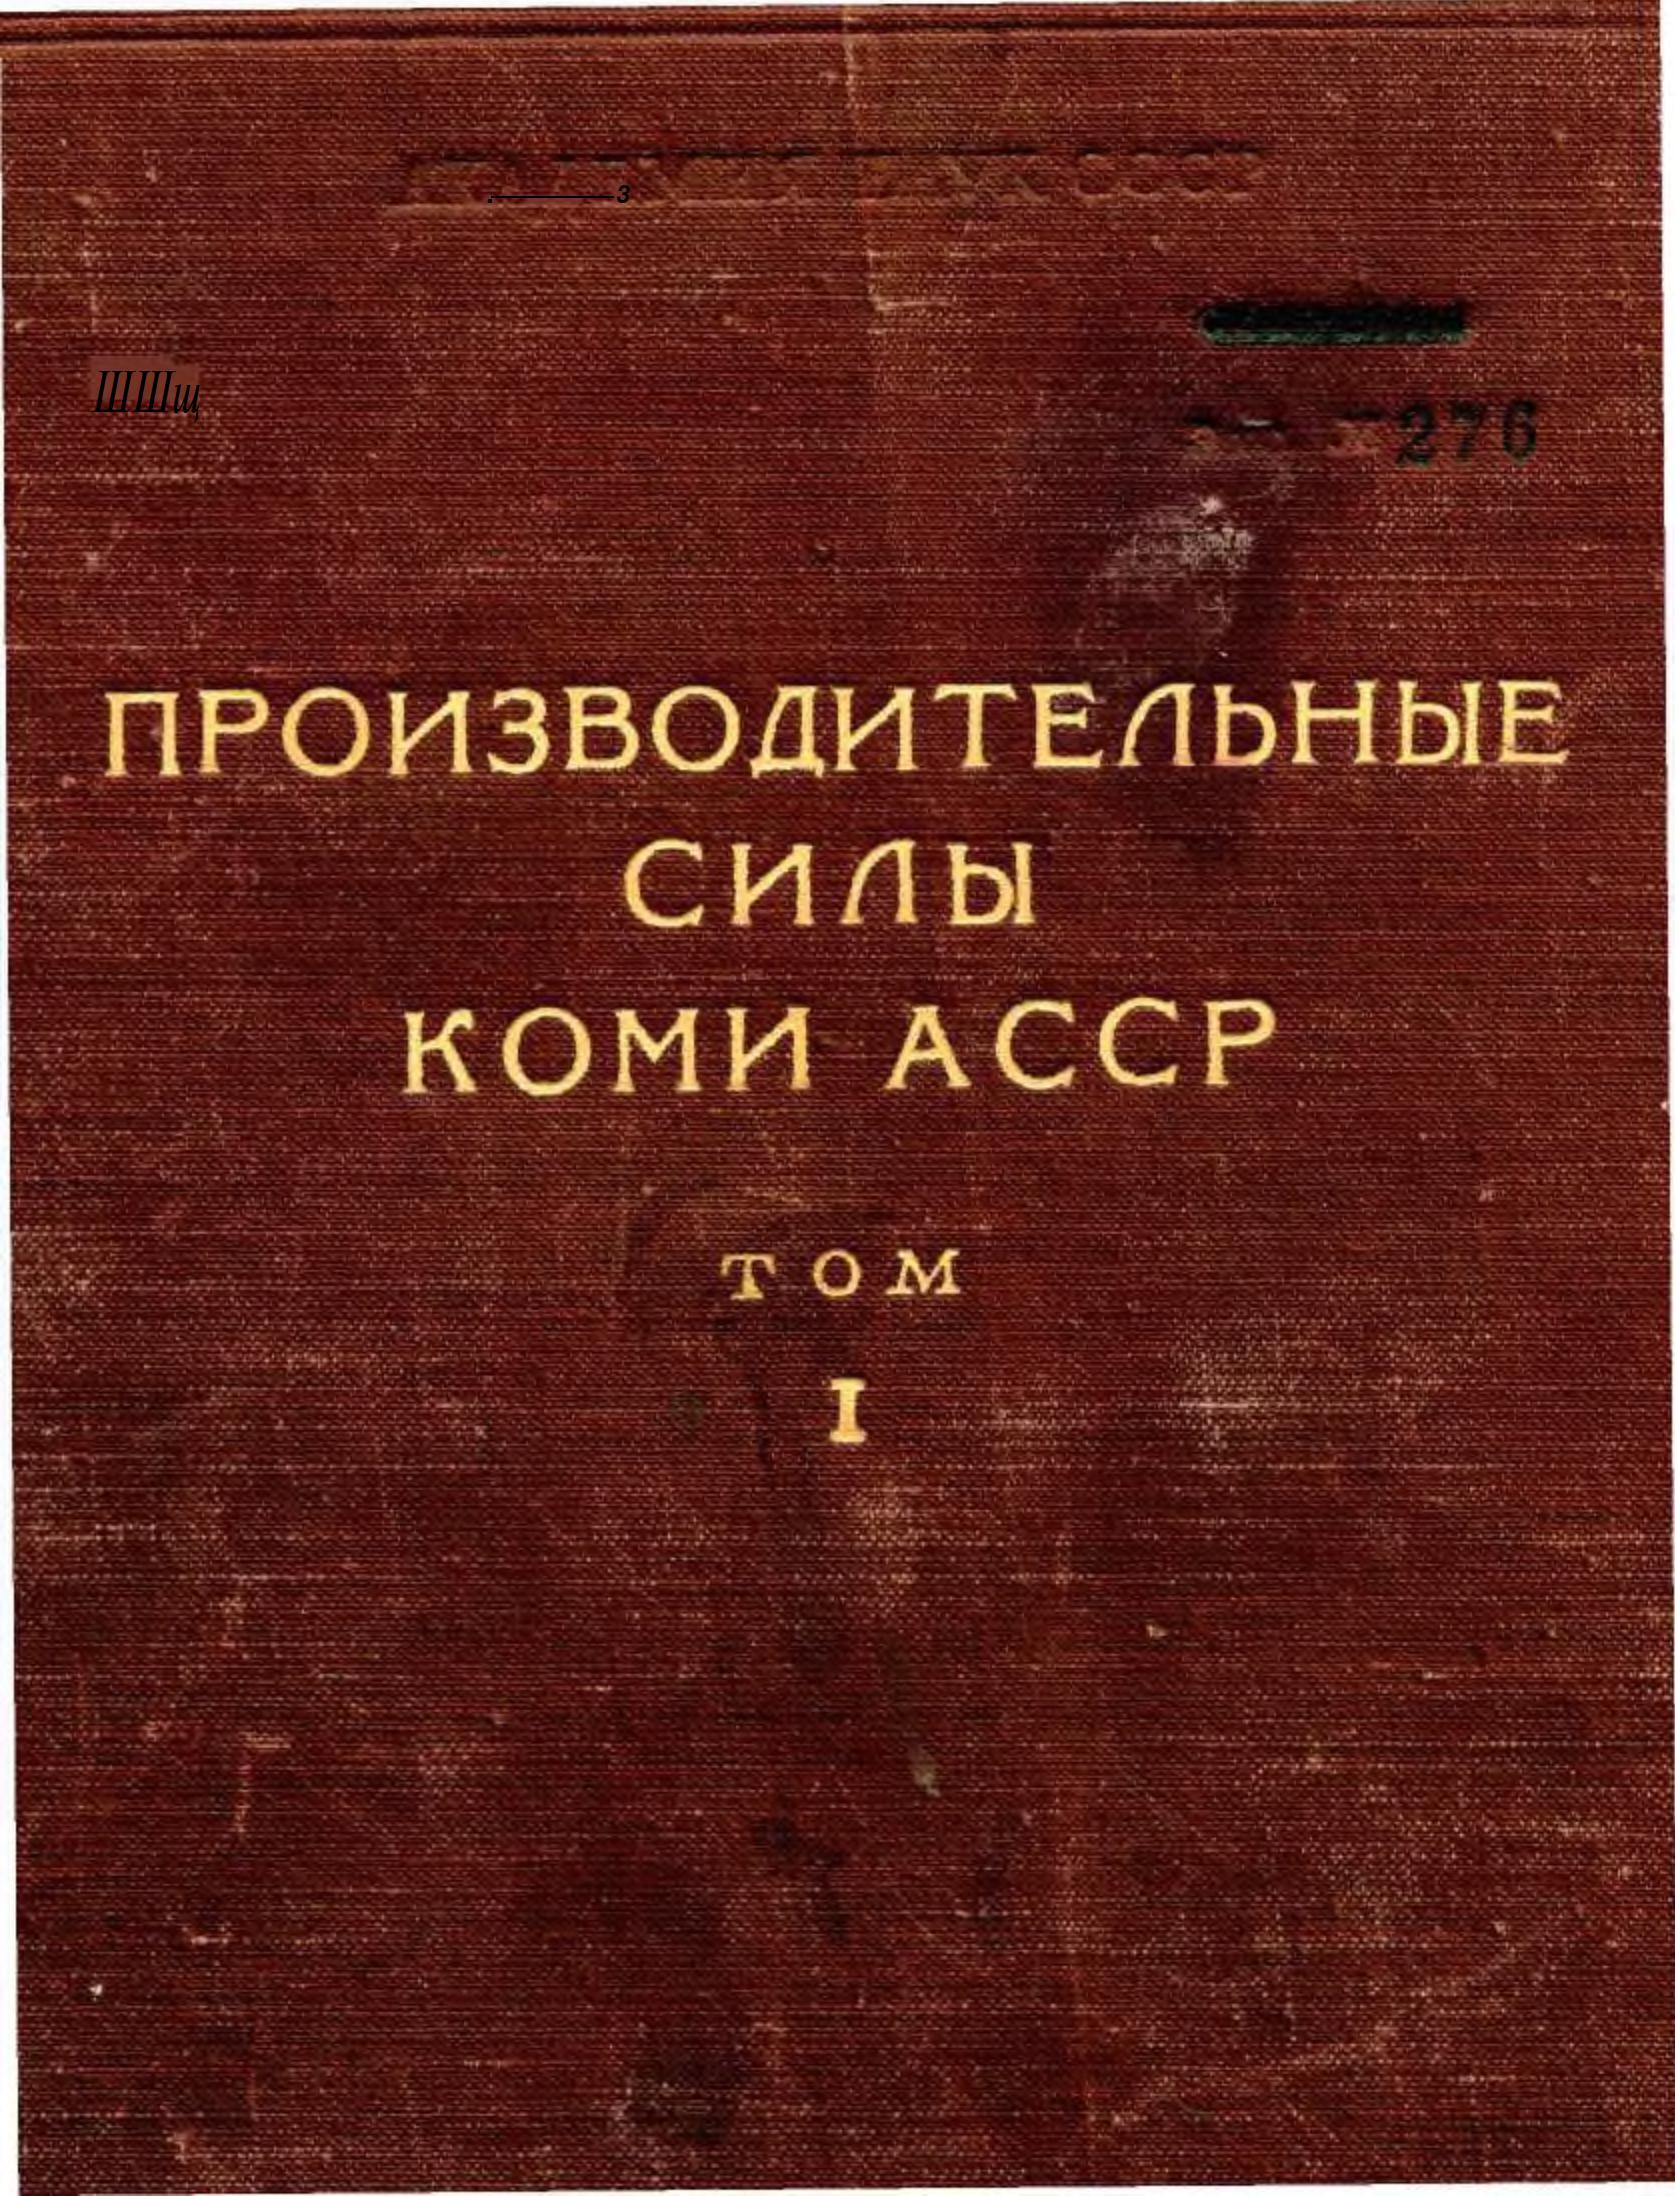 Производительные силы Коми АССР. Том 1. Геологическое строение и полезные ископаемые